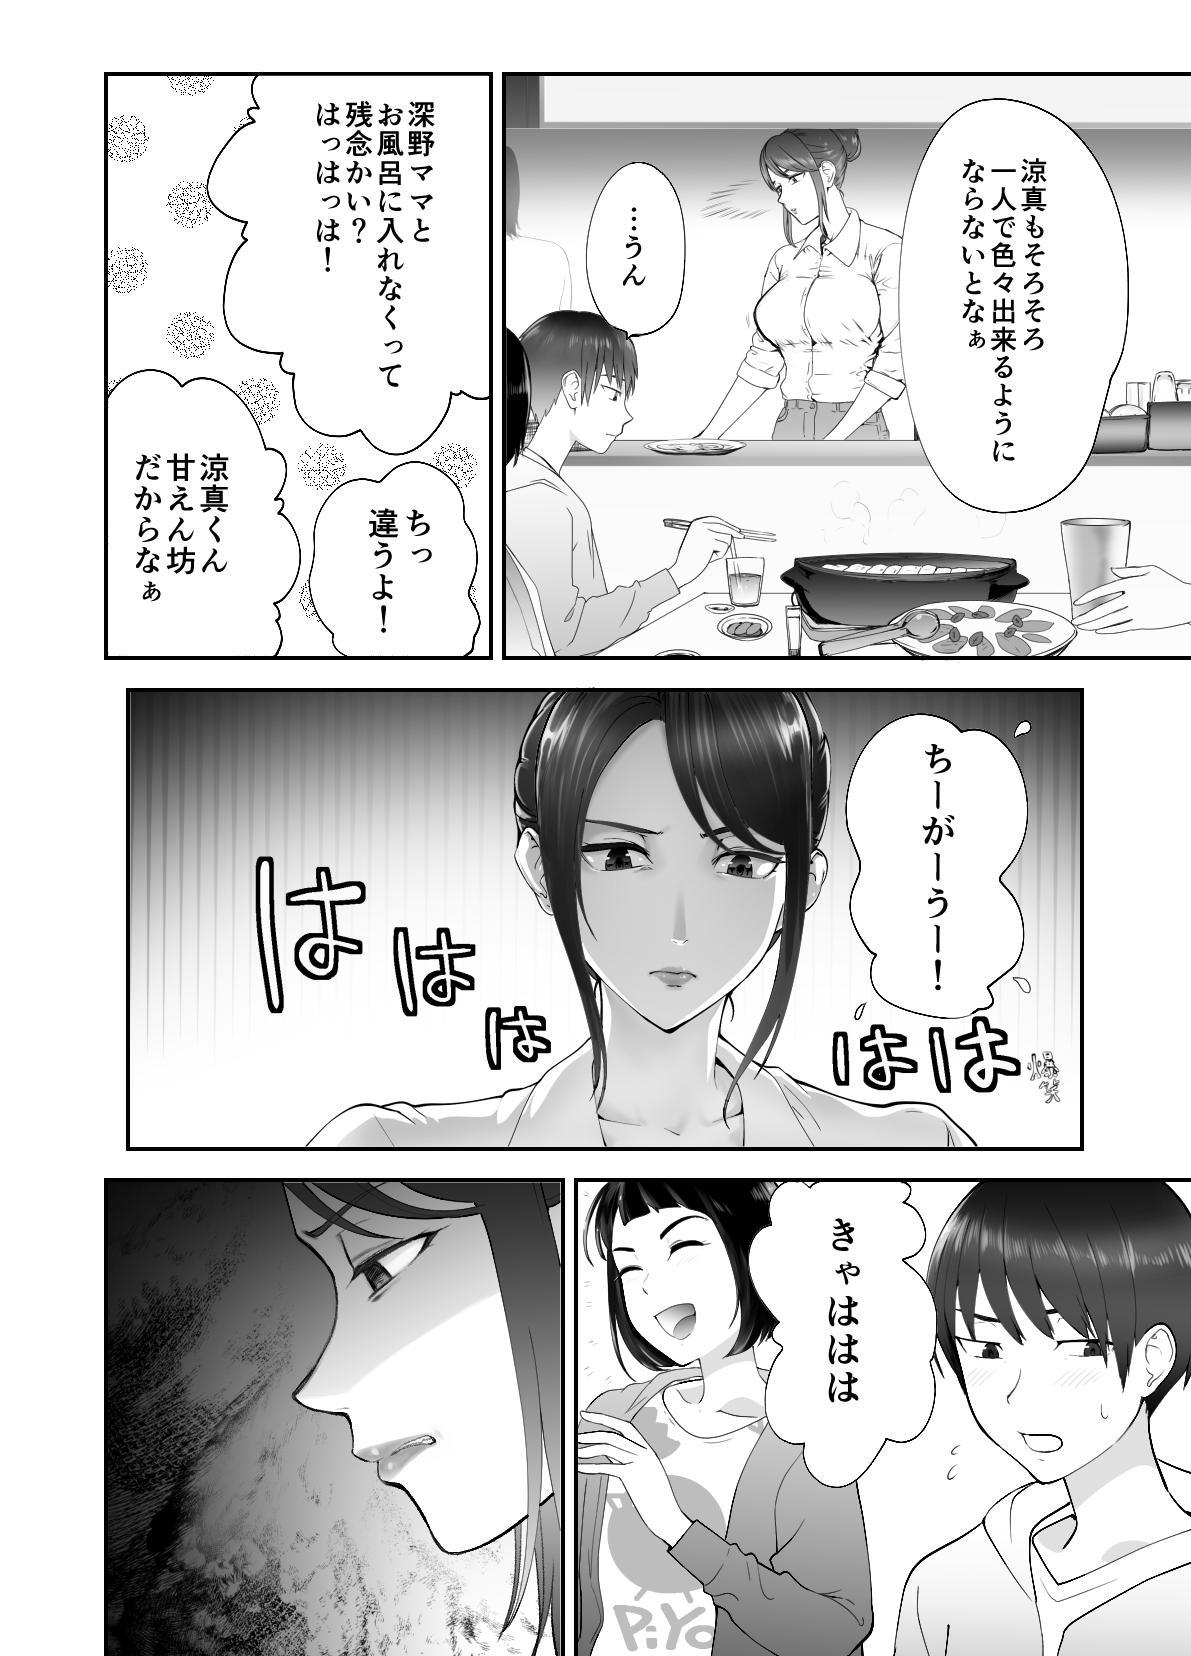 Osananajimi ga Mama to Yatte Imasu. 2 2